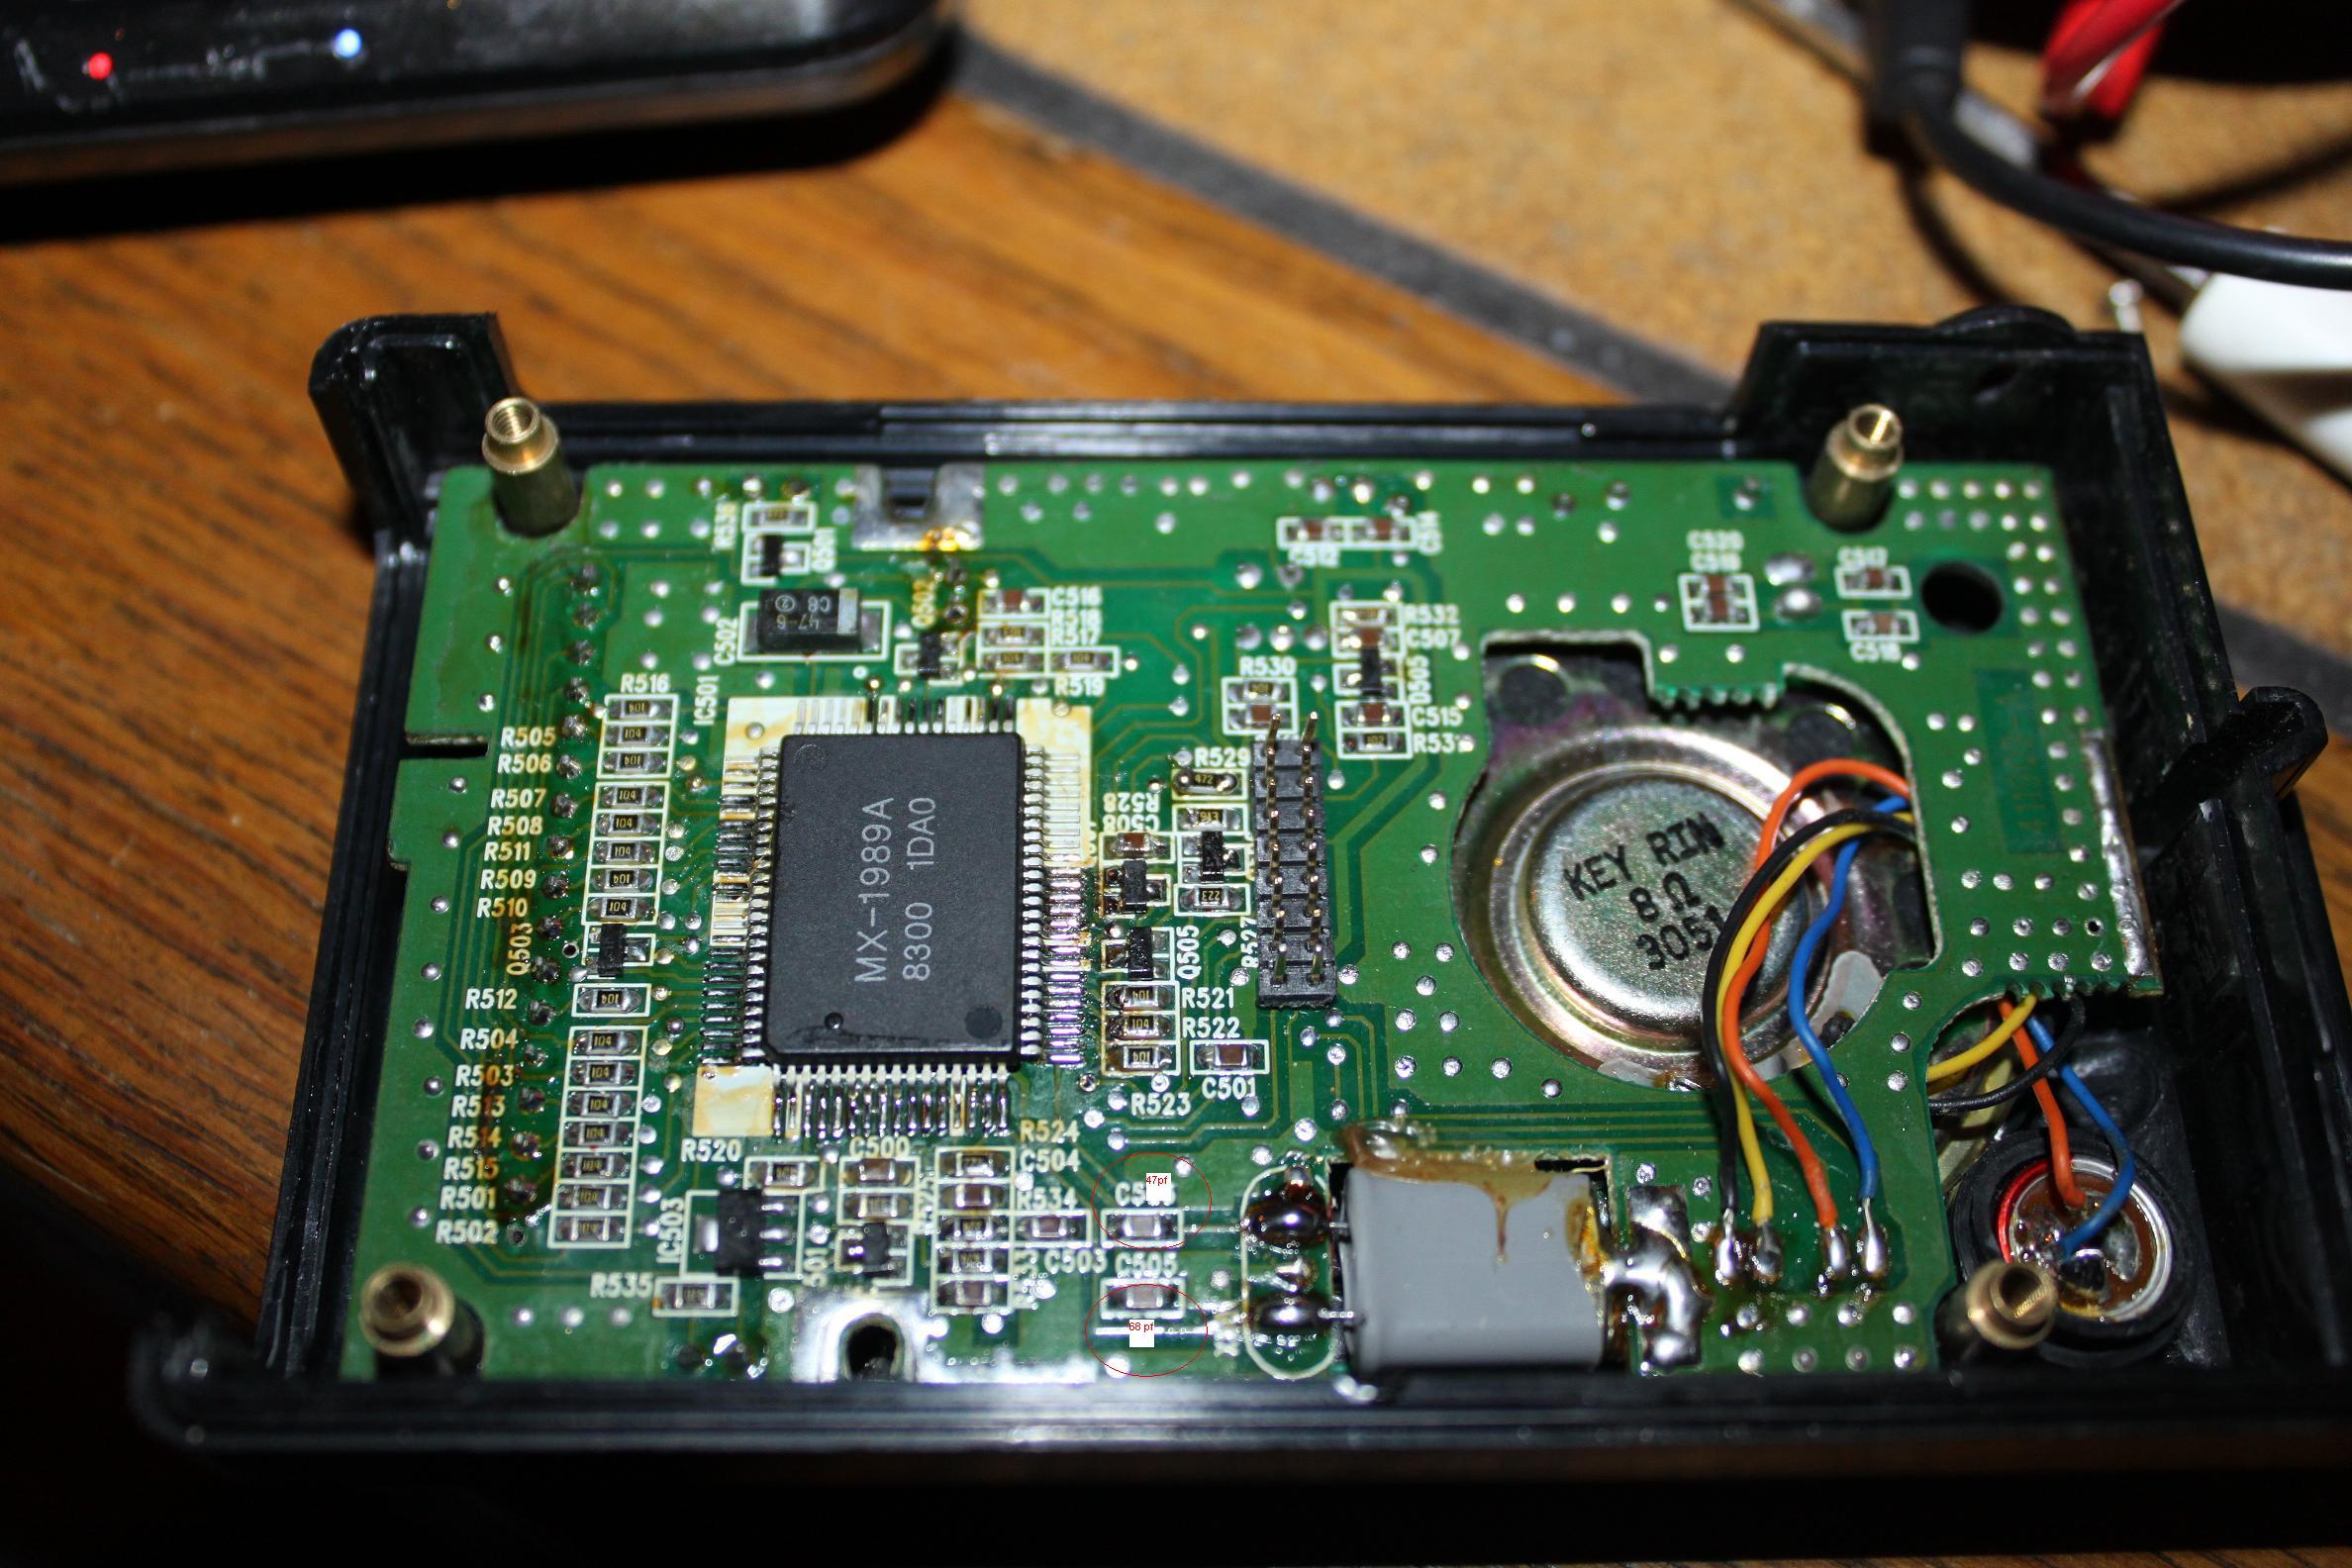 Jak przestroi� CB radio Alan 98D?